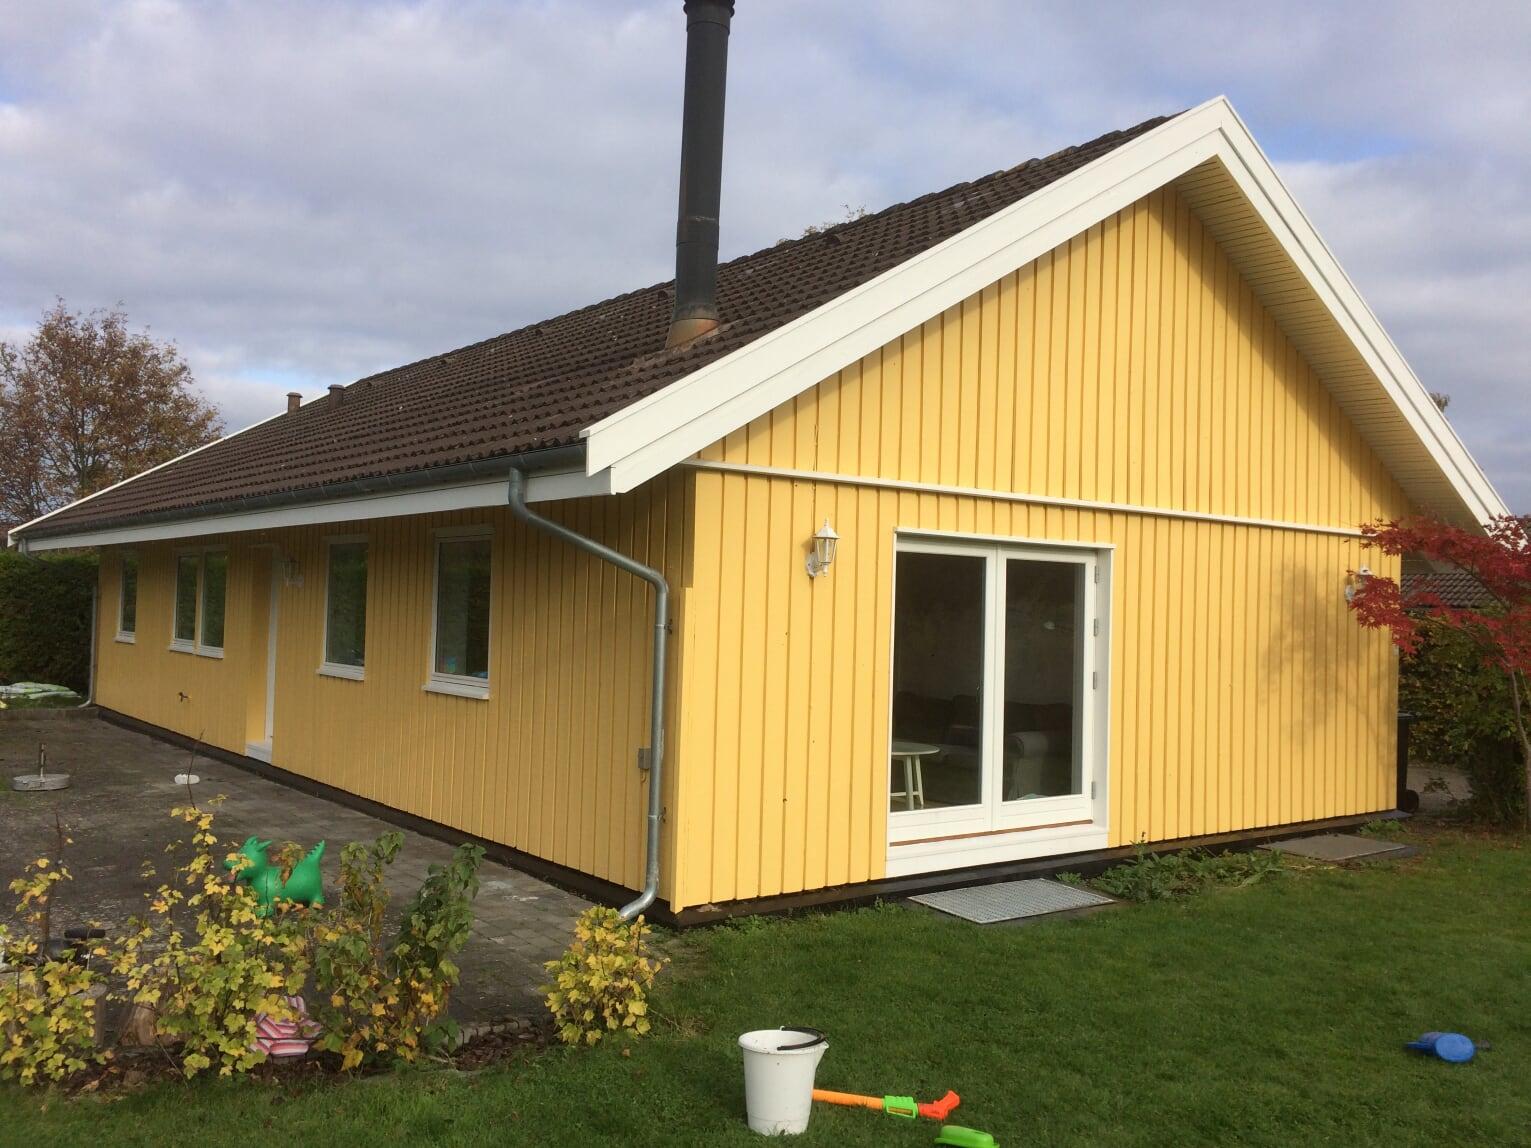 Maling af facade i gul farve